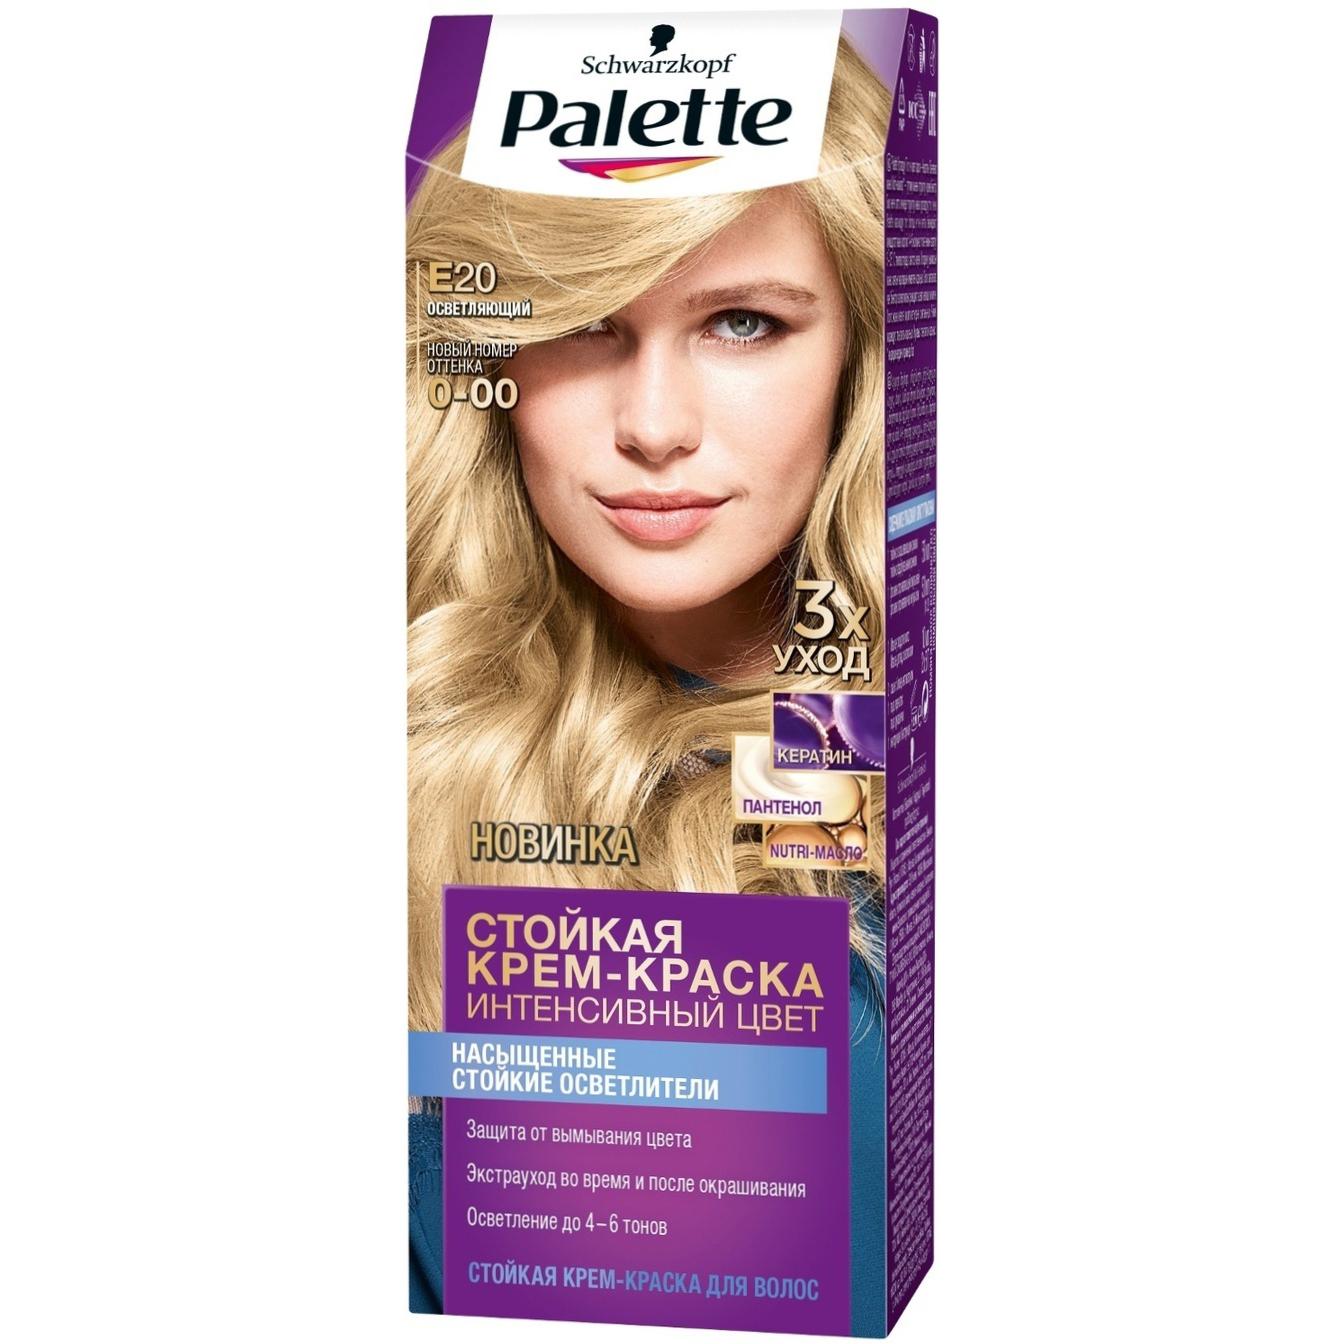 Краска для волос Palette Интенсивный цвет E20 Осветляющий 110 мл фото